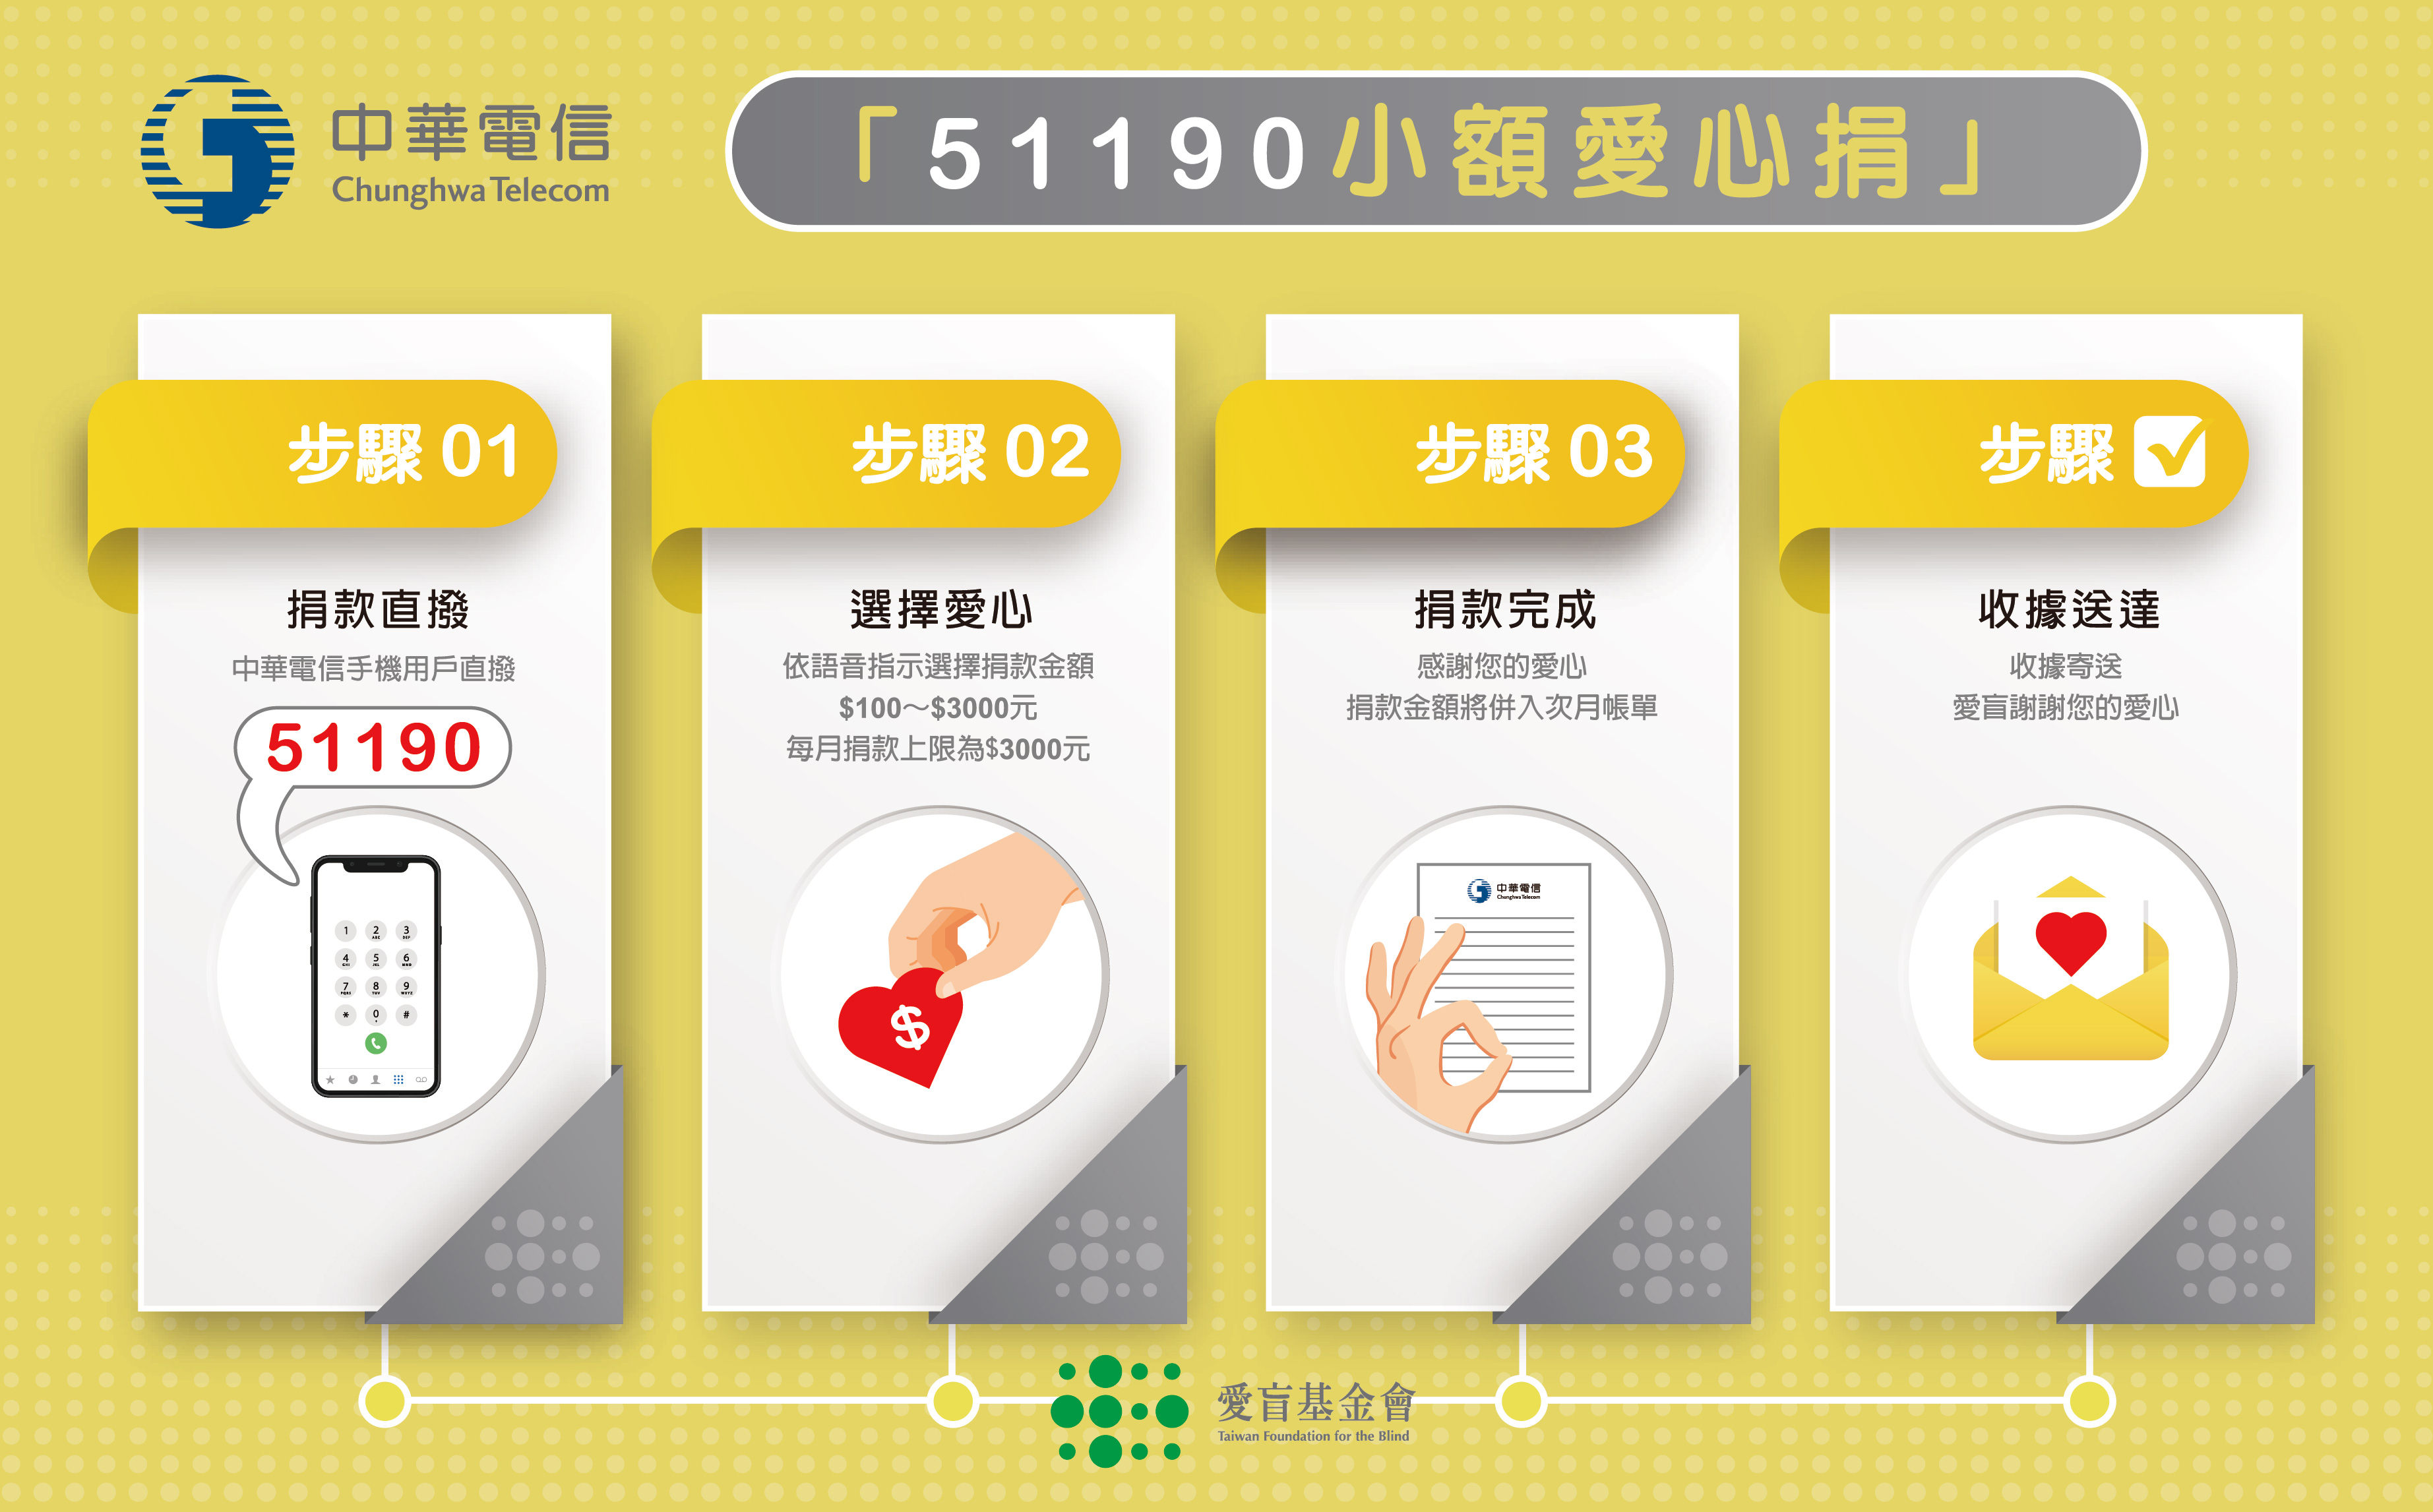 中華電信小額愛心捐操作步驟